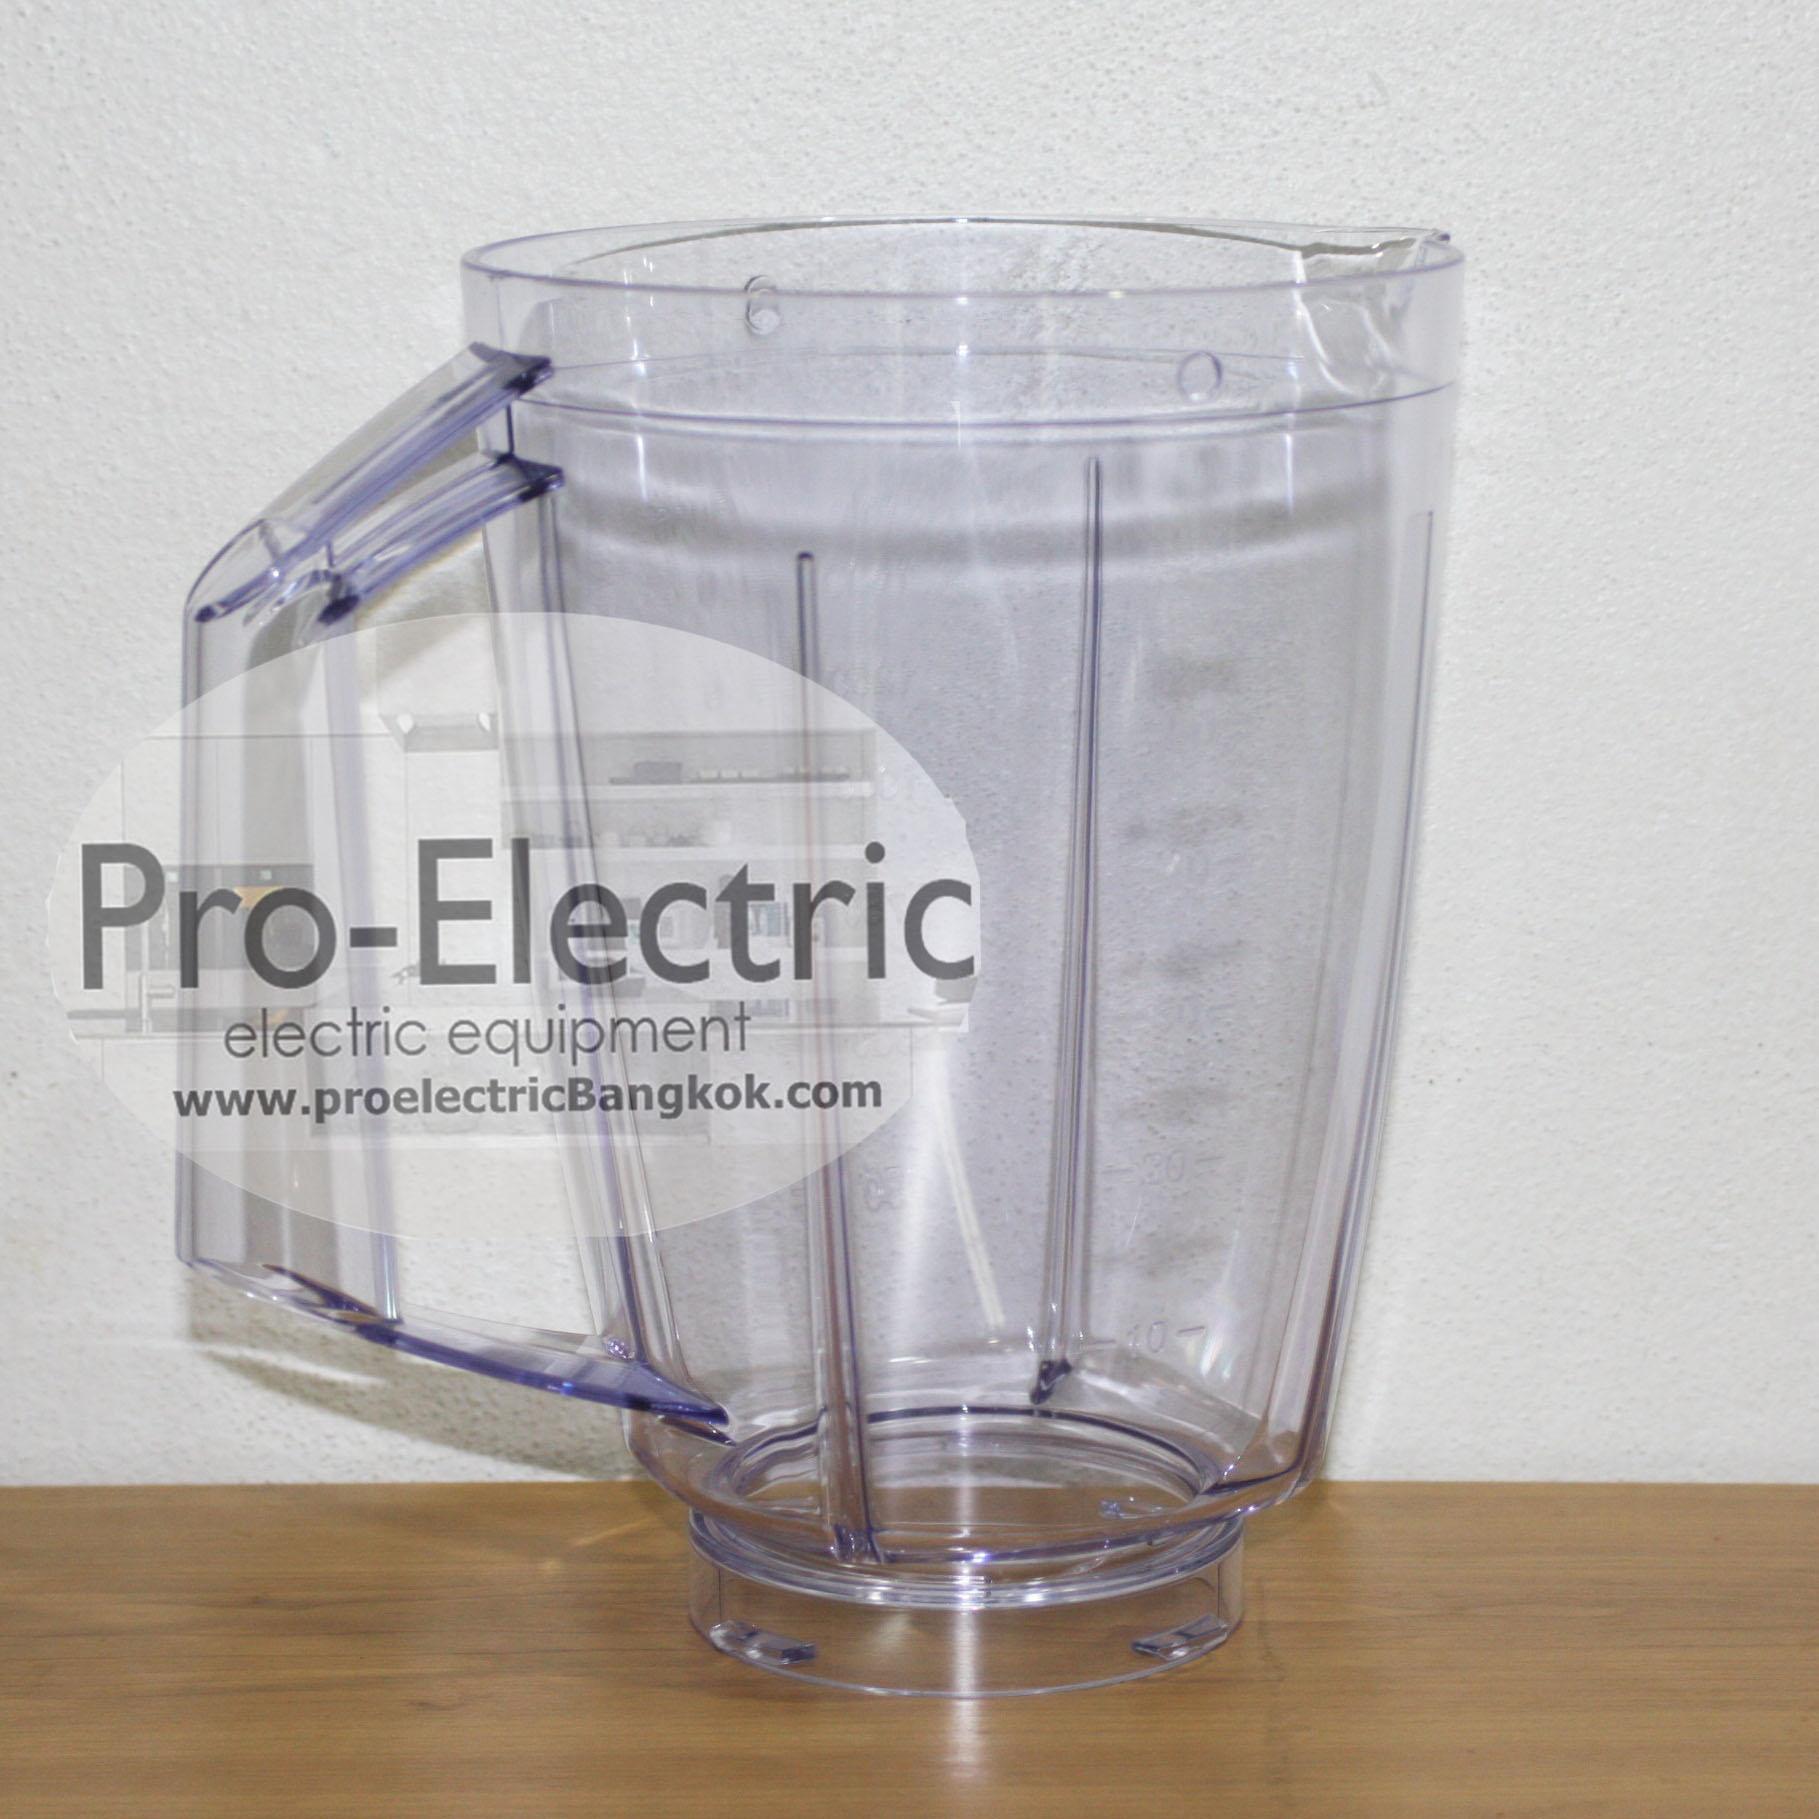 โถปั่นพลาสติก EM-ICE power รหัส 01